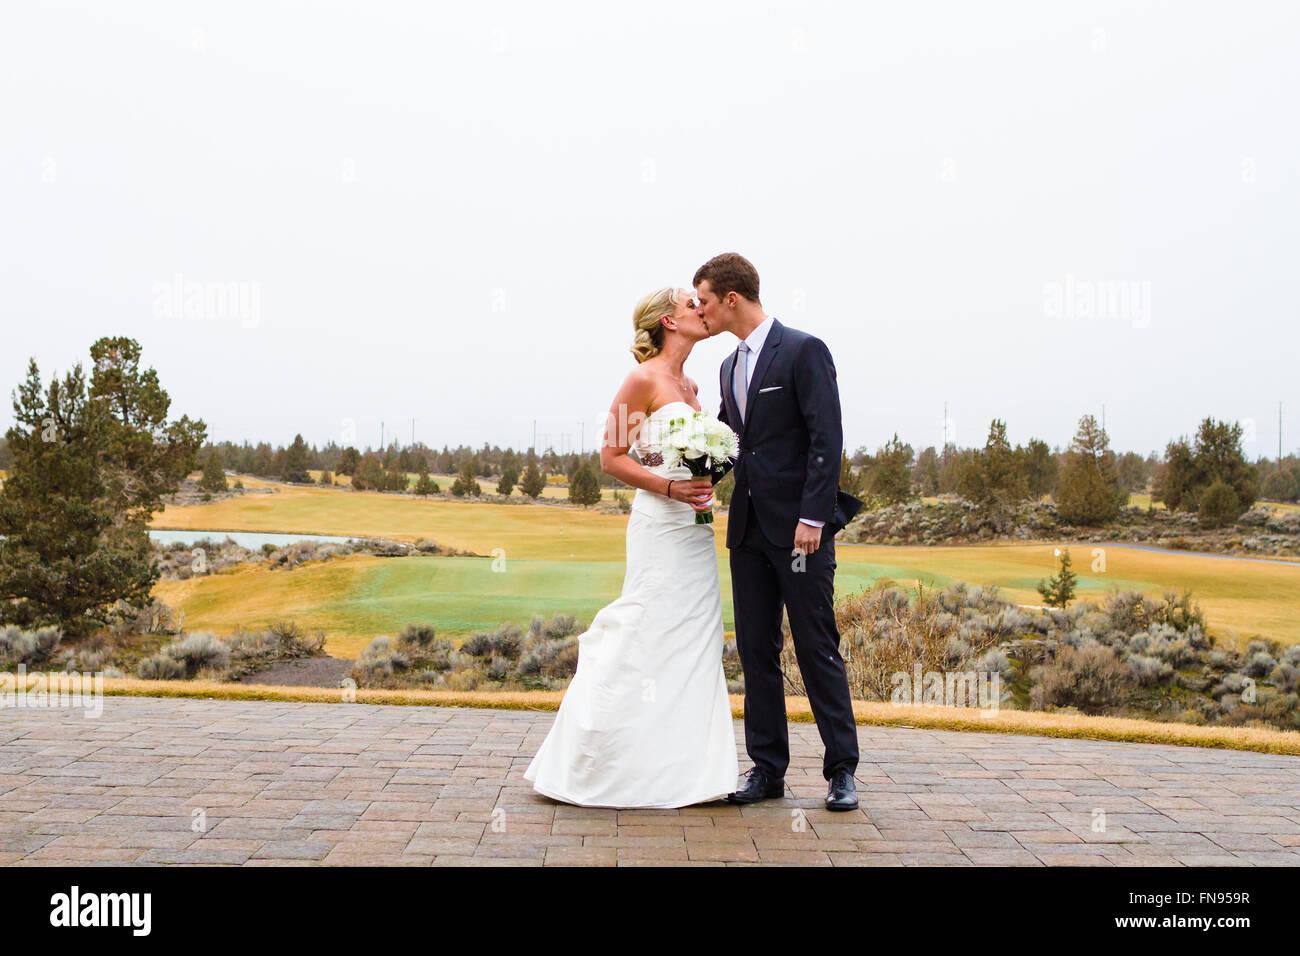 Braut und Bräutigam küssen am Hochzeitstag, Oregon, USA Stockfoto